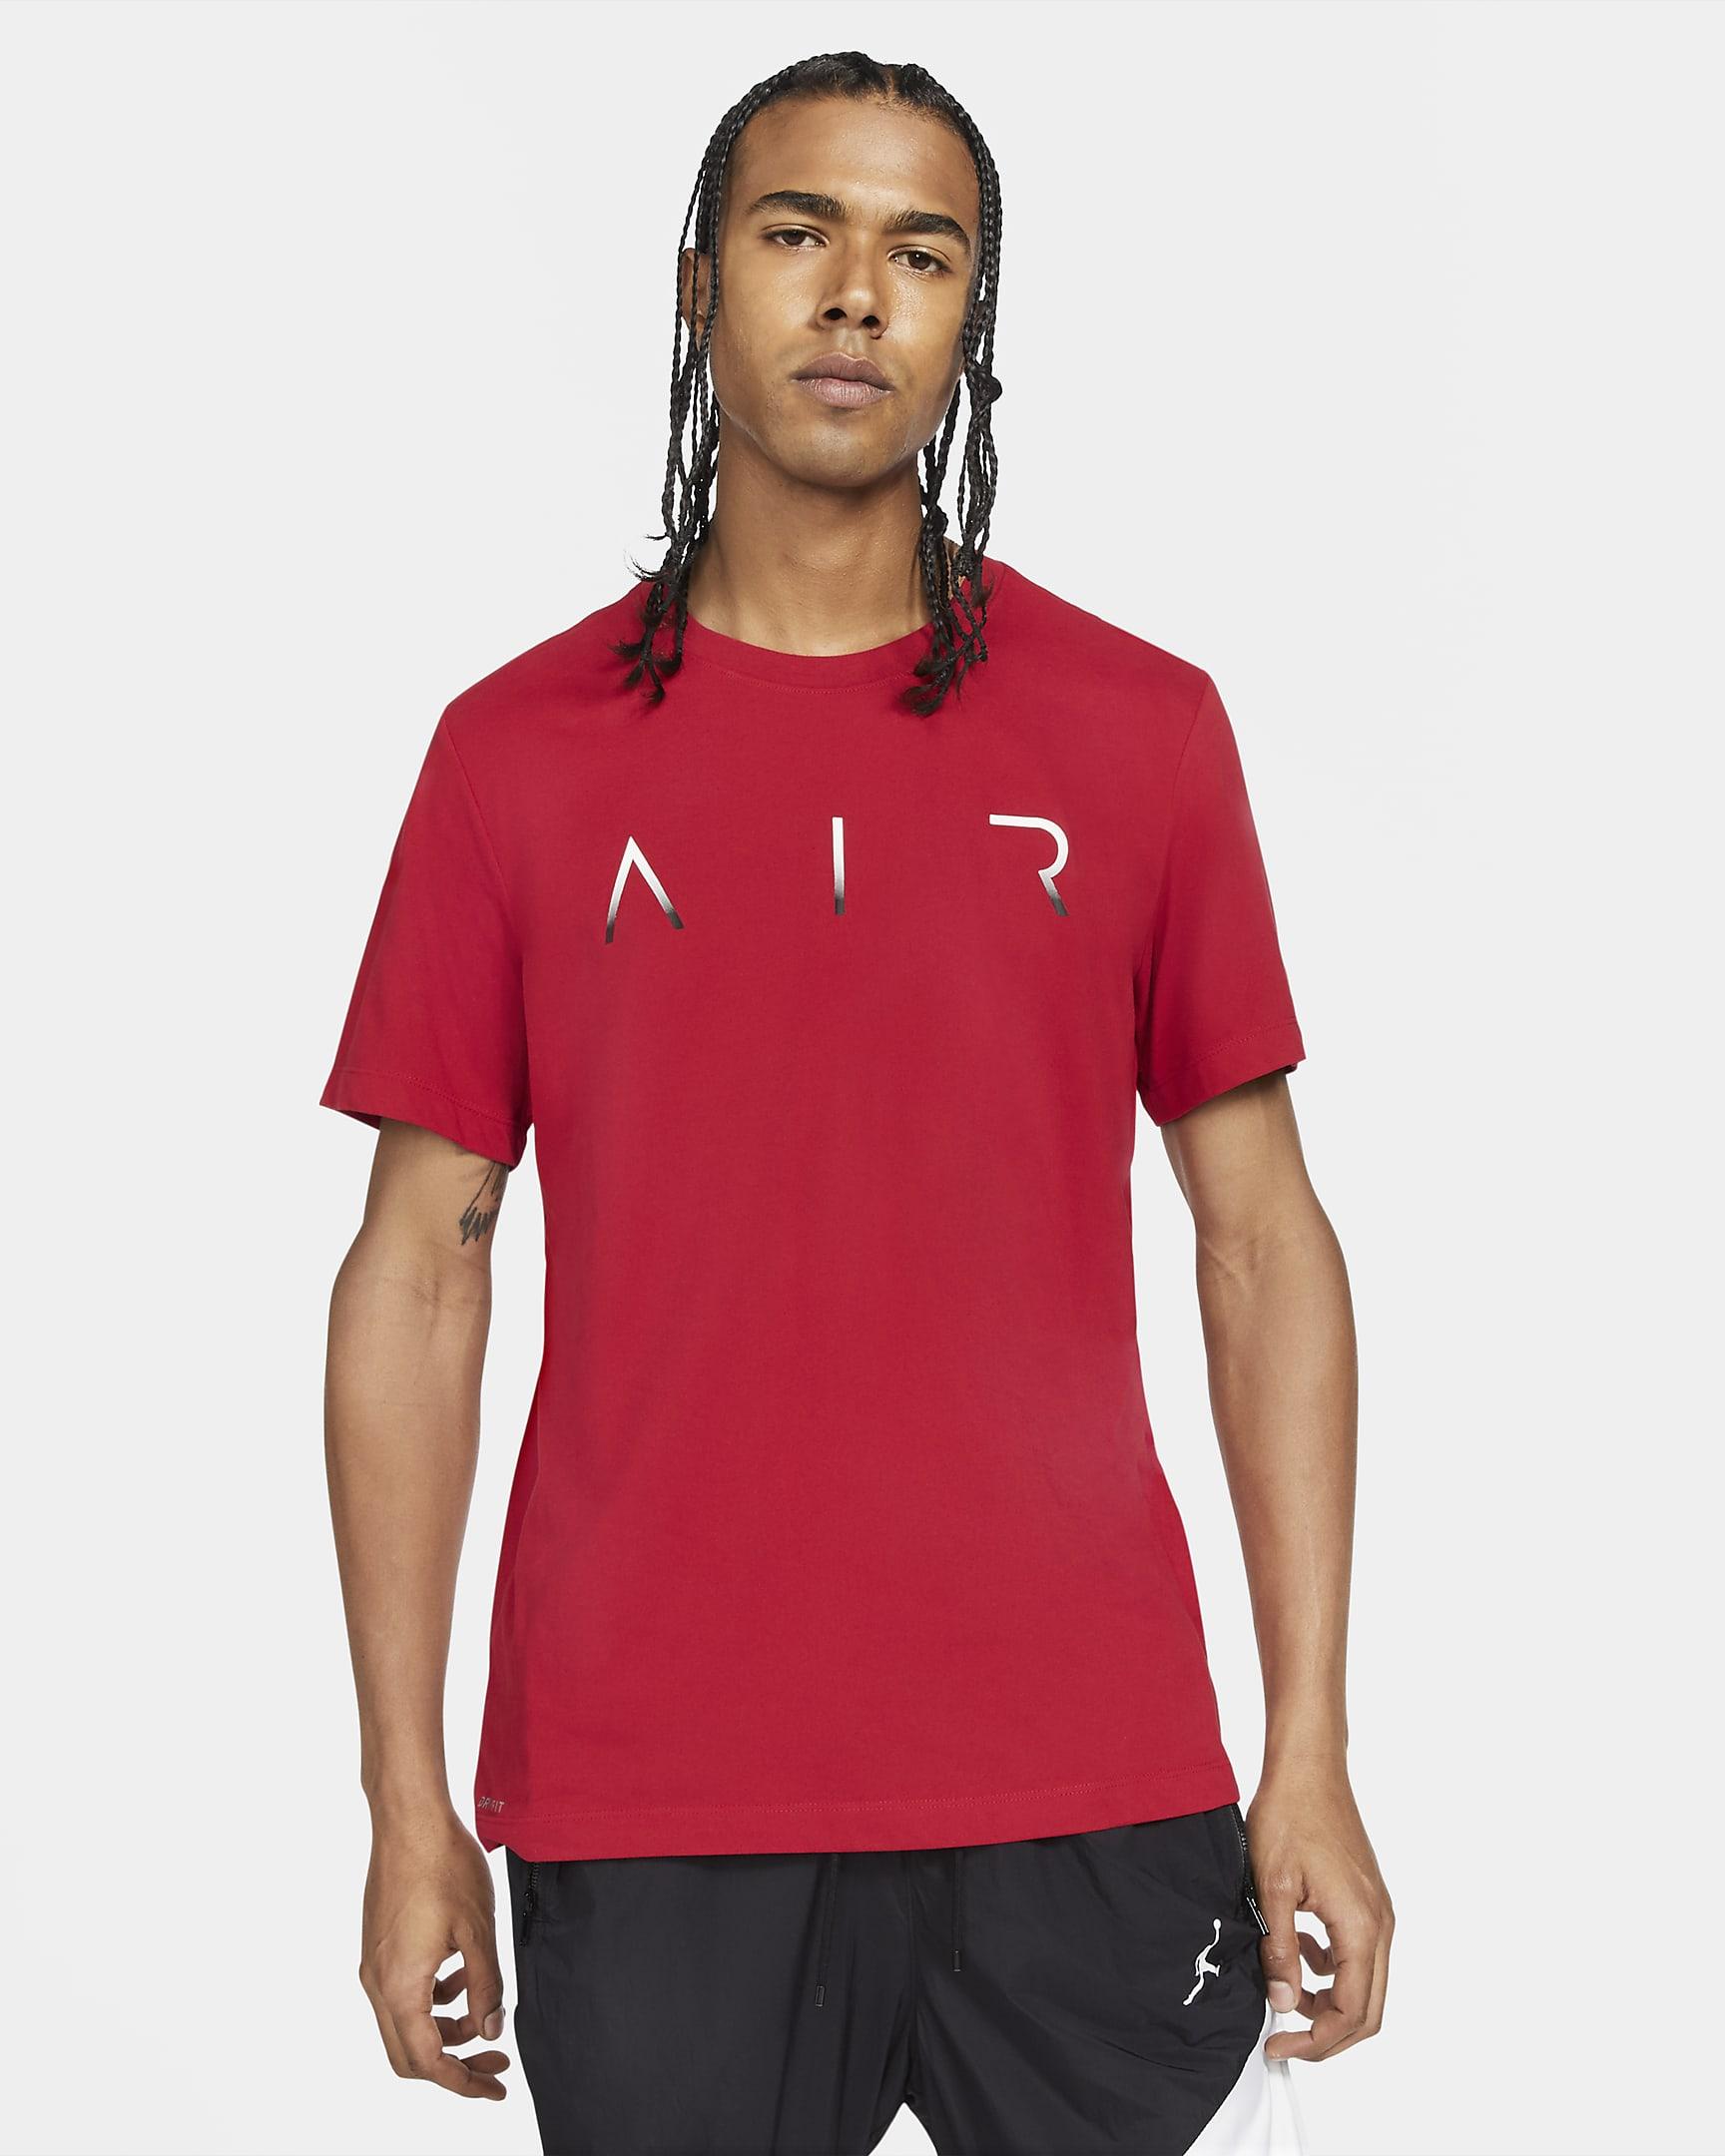 jordan-jumpman-air-mensn-short-sleeve-t-shirt-dG7grb-4